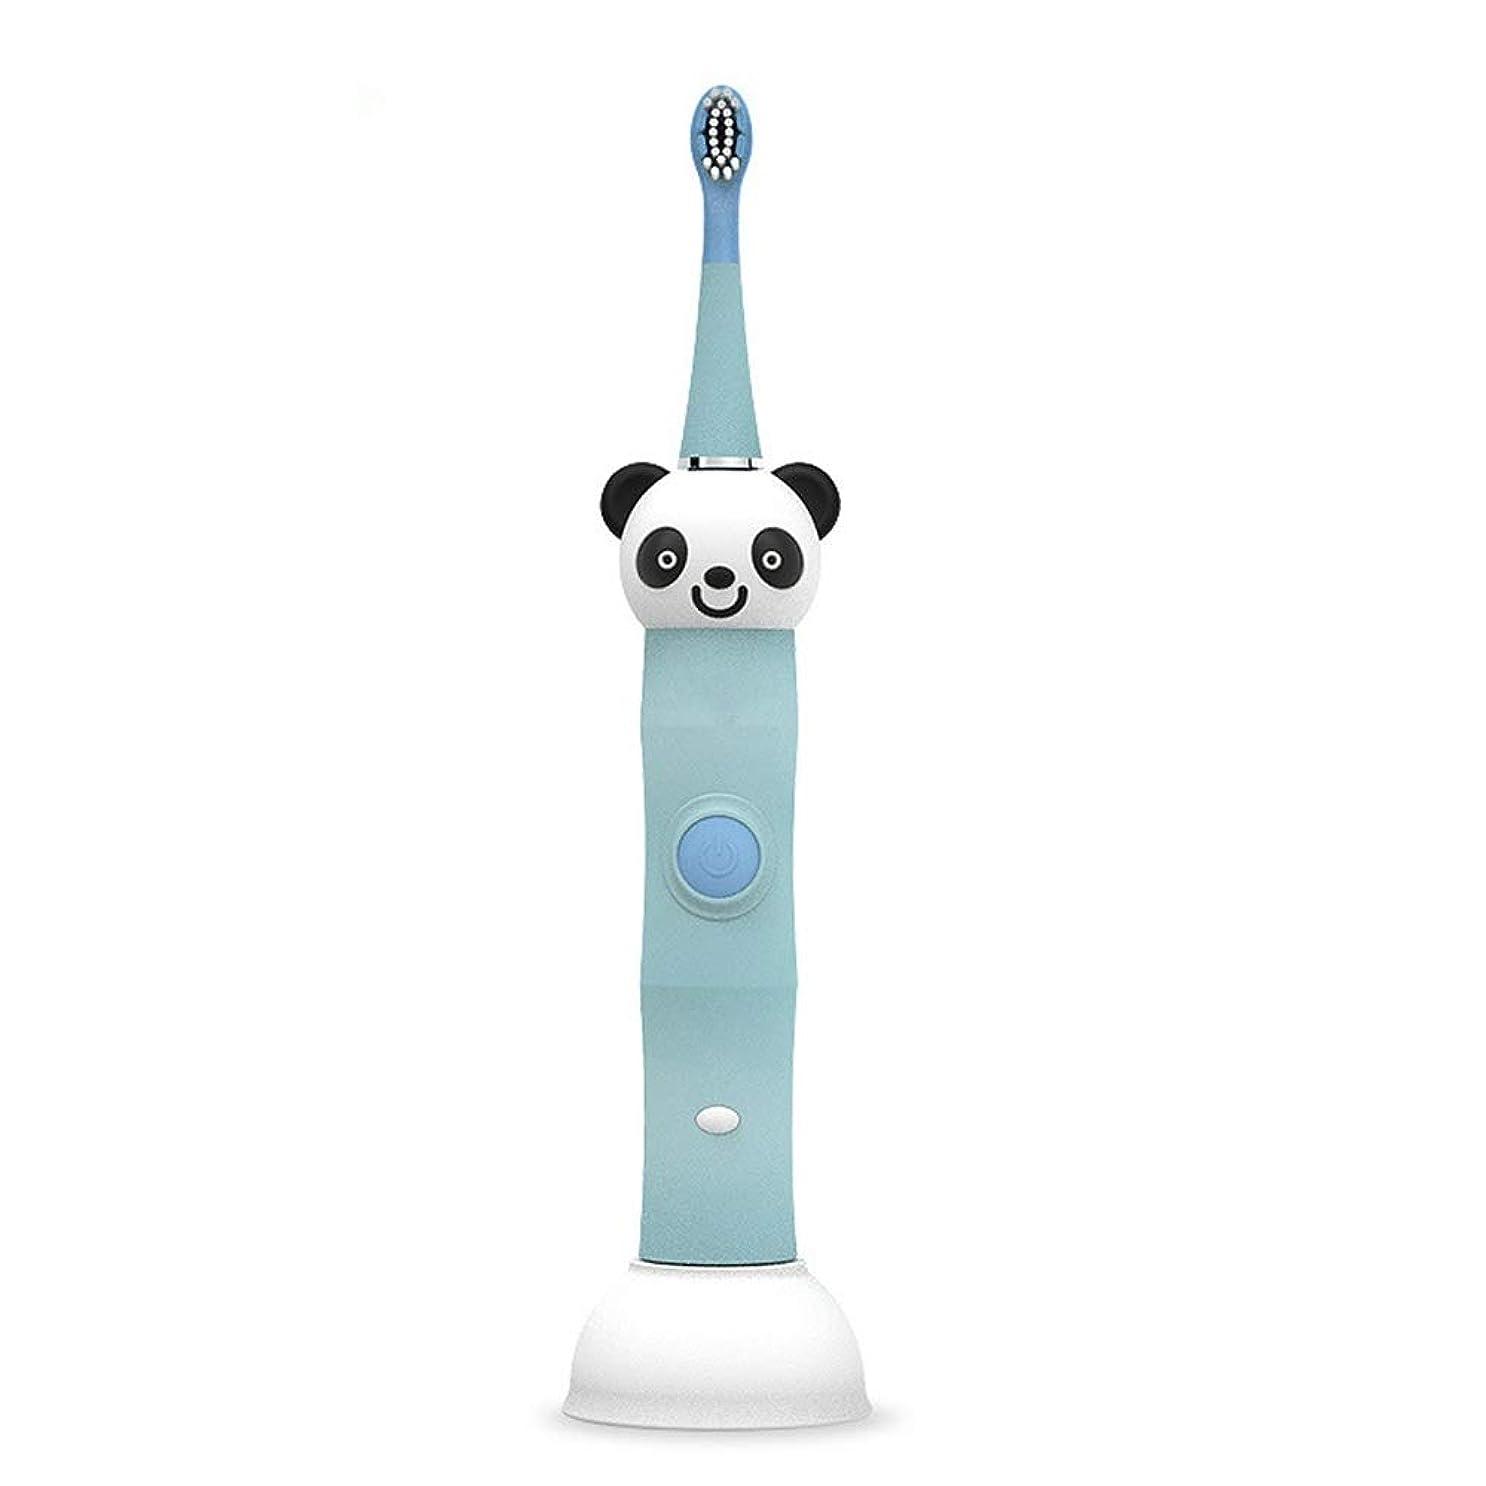 マティス代わりのウミウシ自動歯ブラシ USBの充満基盤の柔らかい毛のきれいな電動歯ブラシとの子供の防水 (色 : 青, サイズ : Free size)